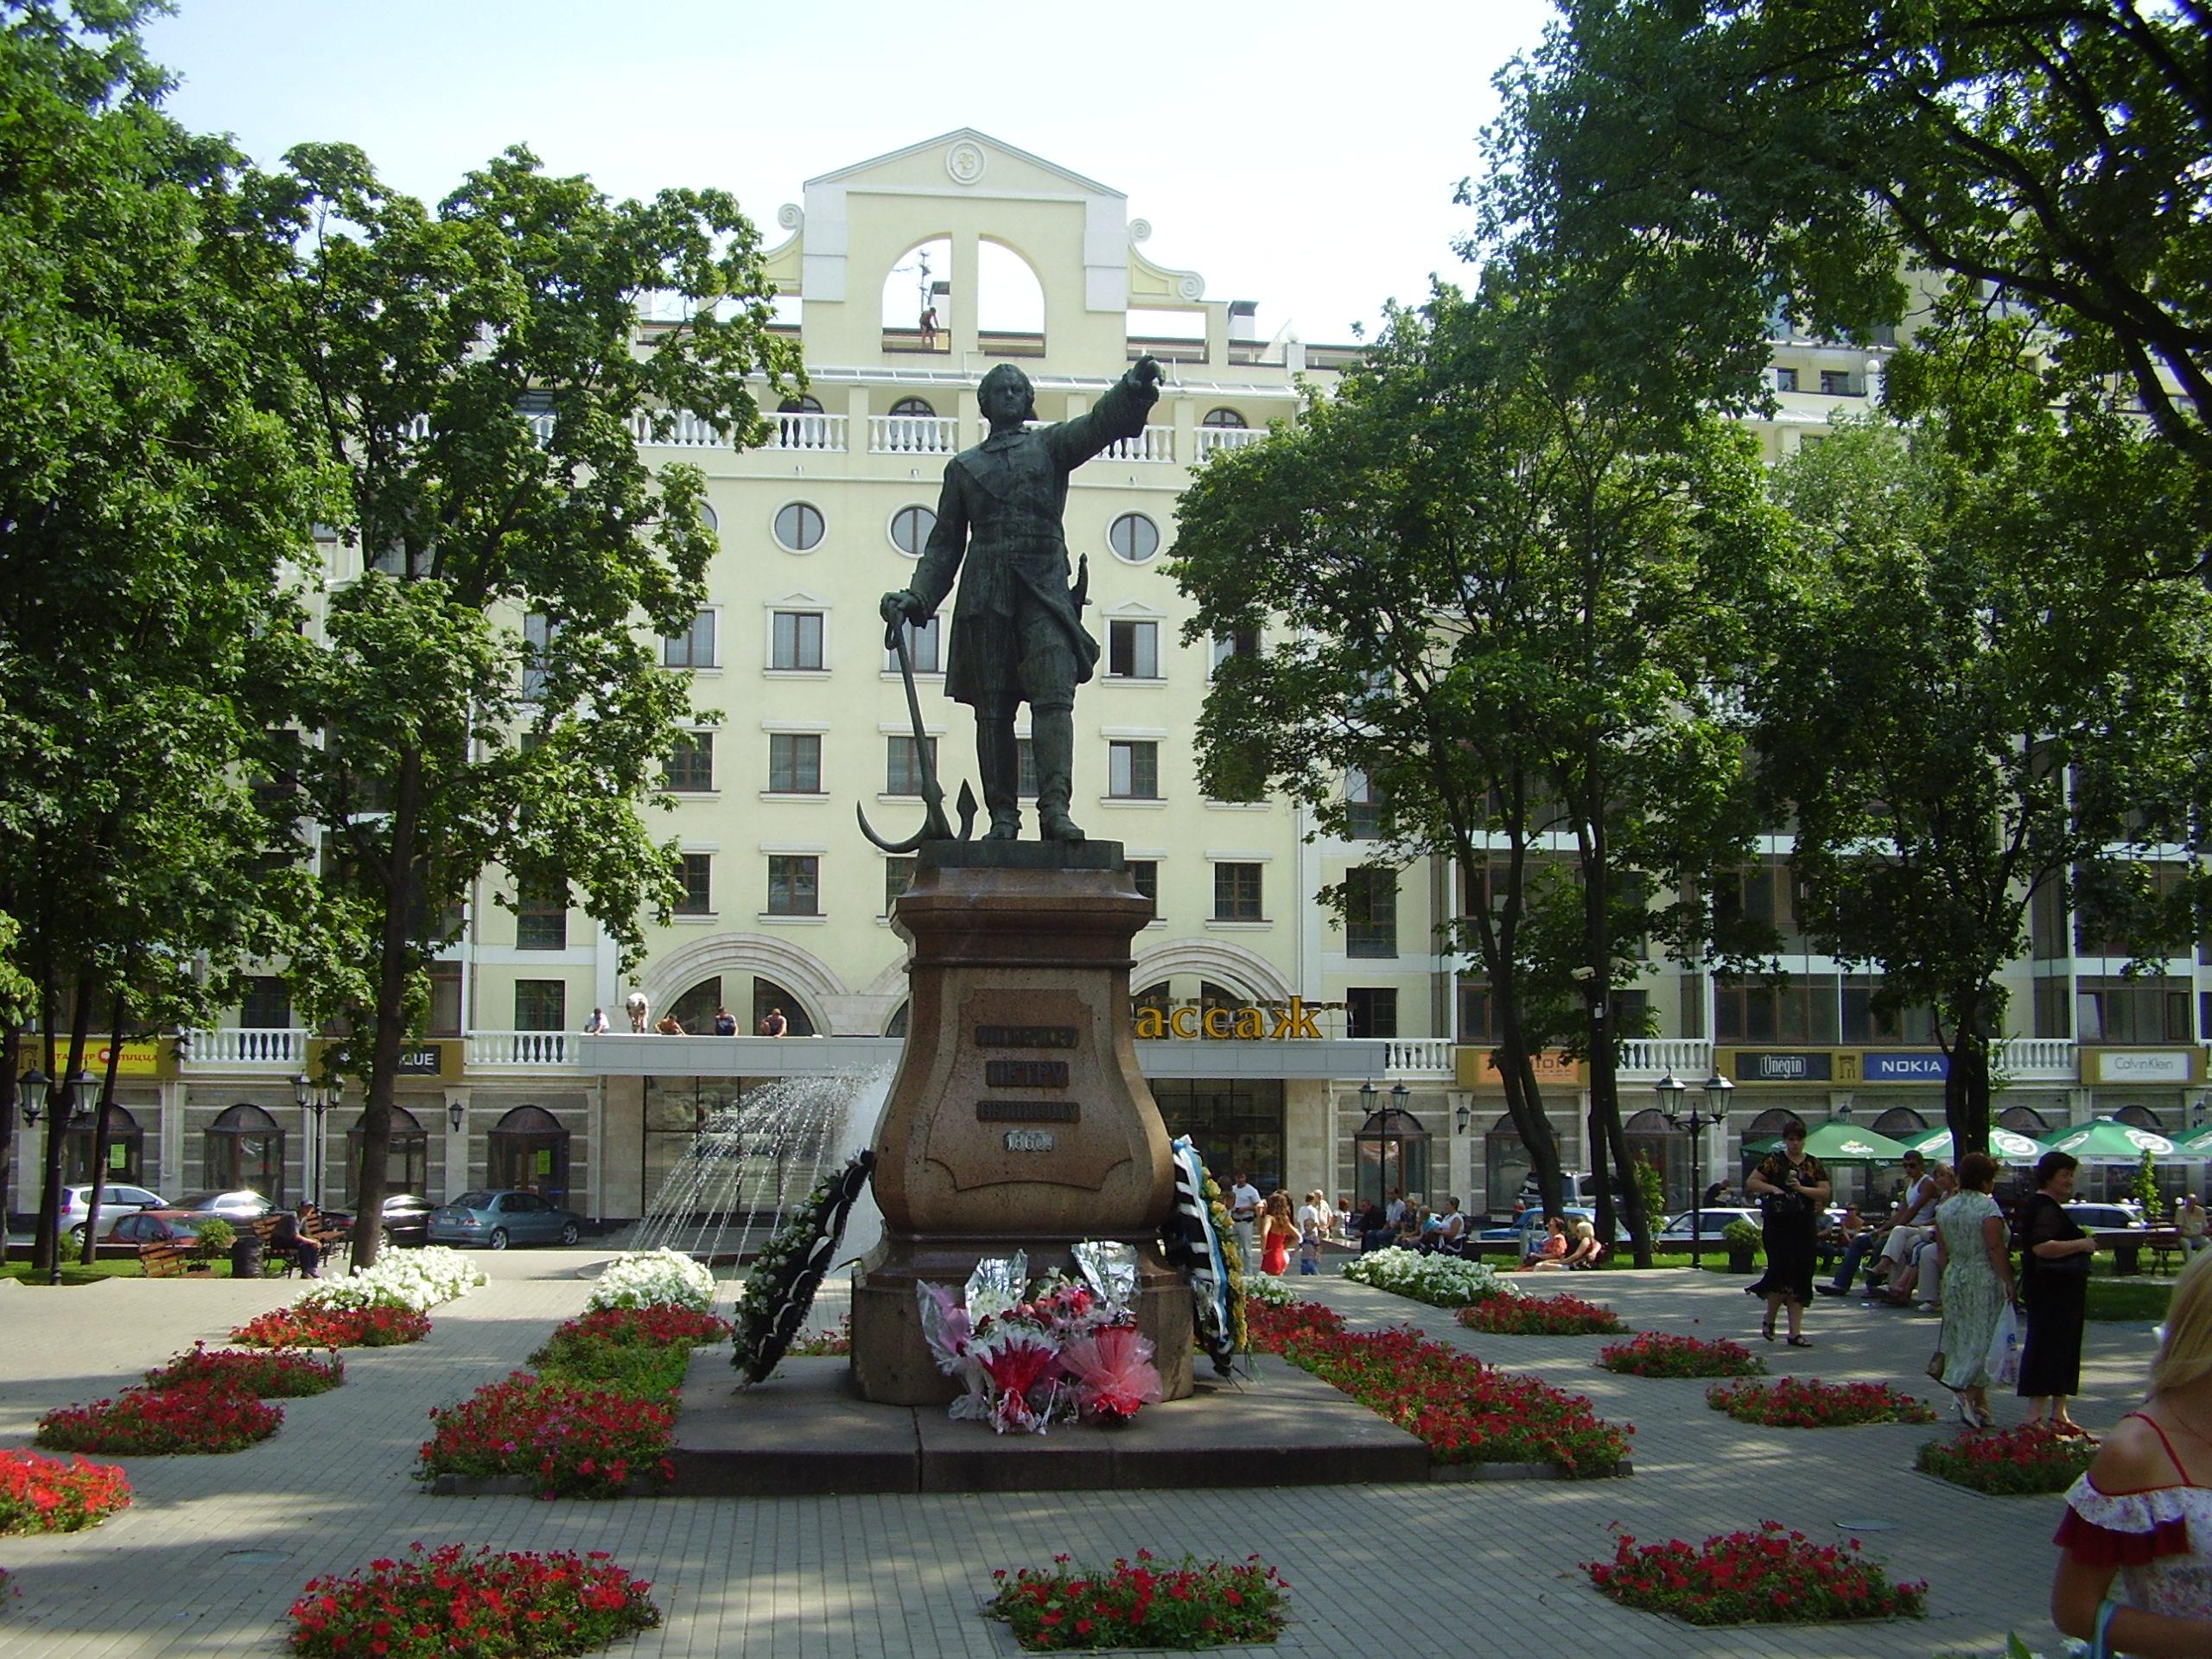 Доклад про памятники воронежа 313